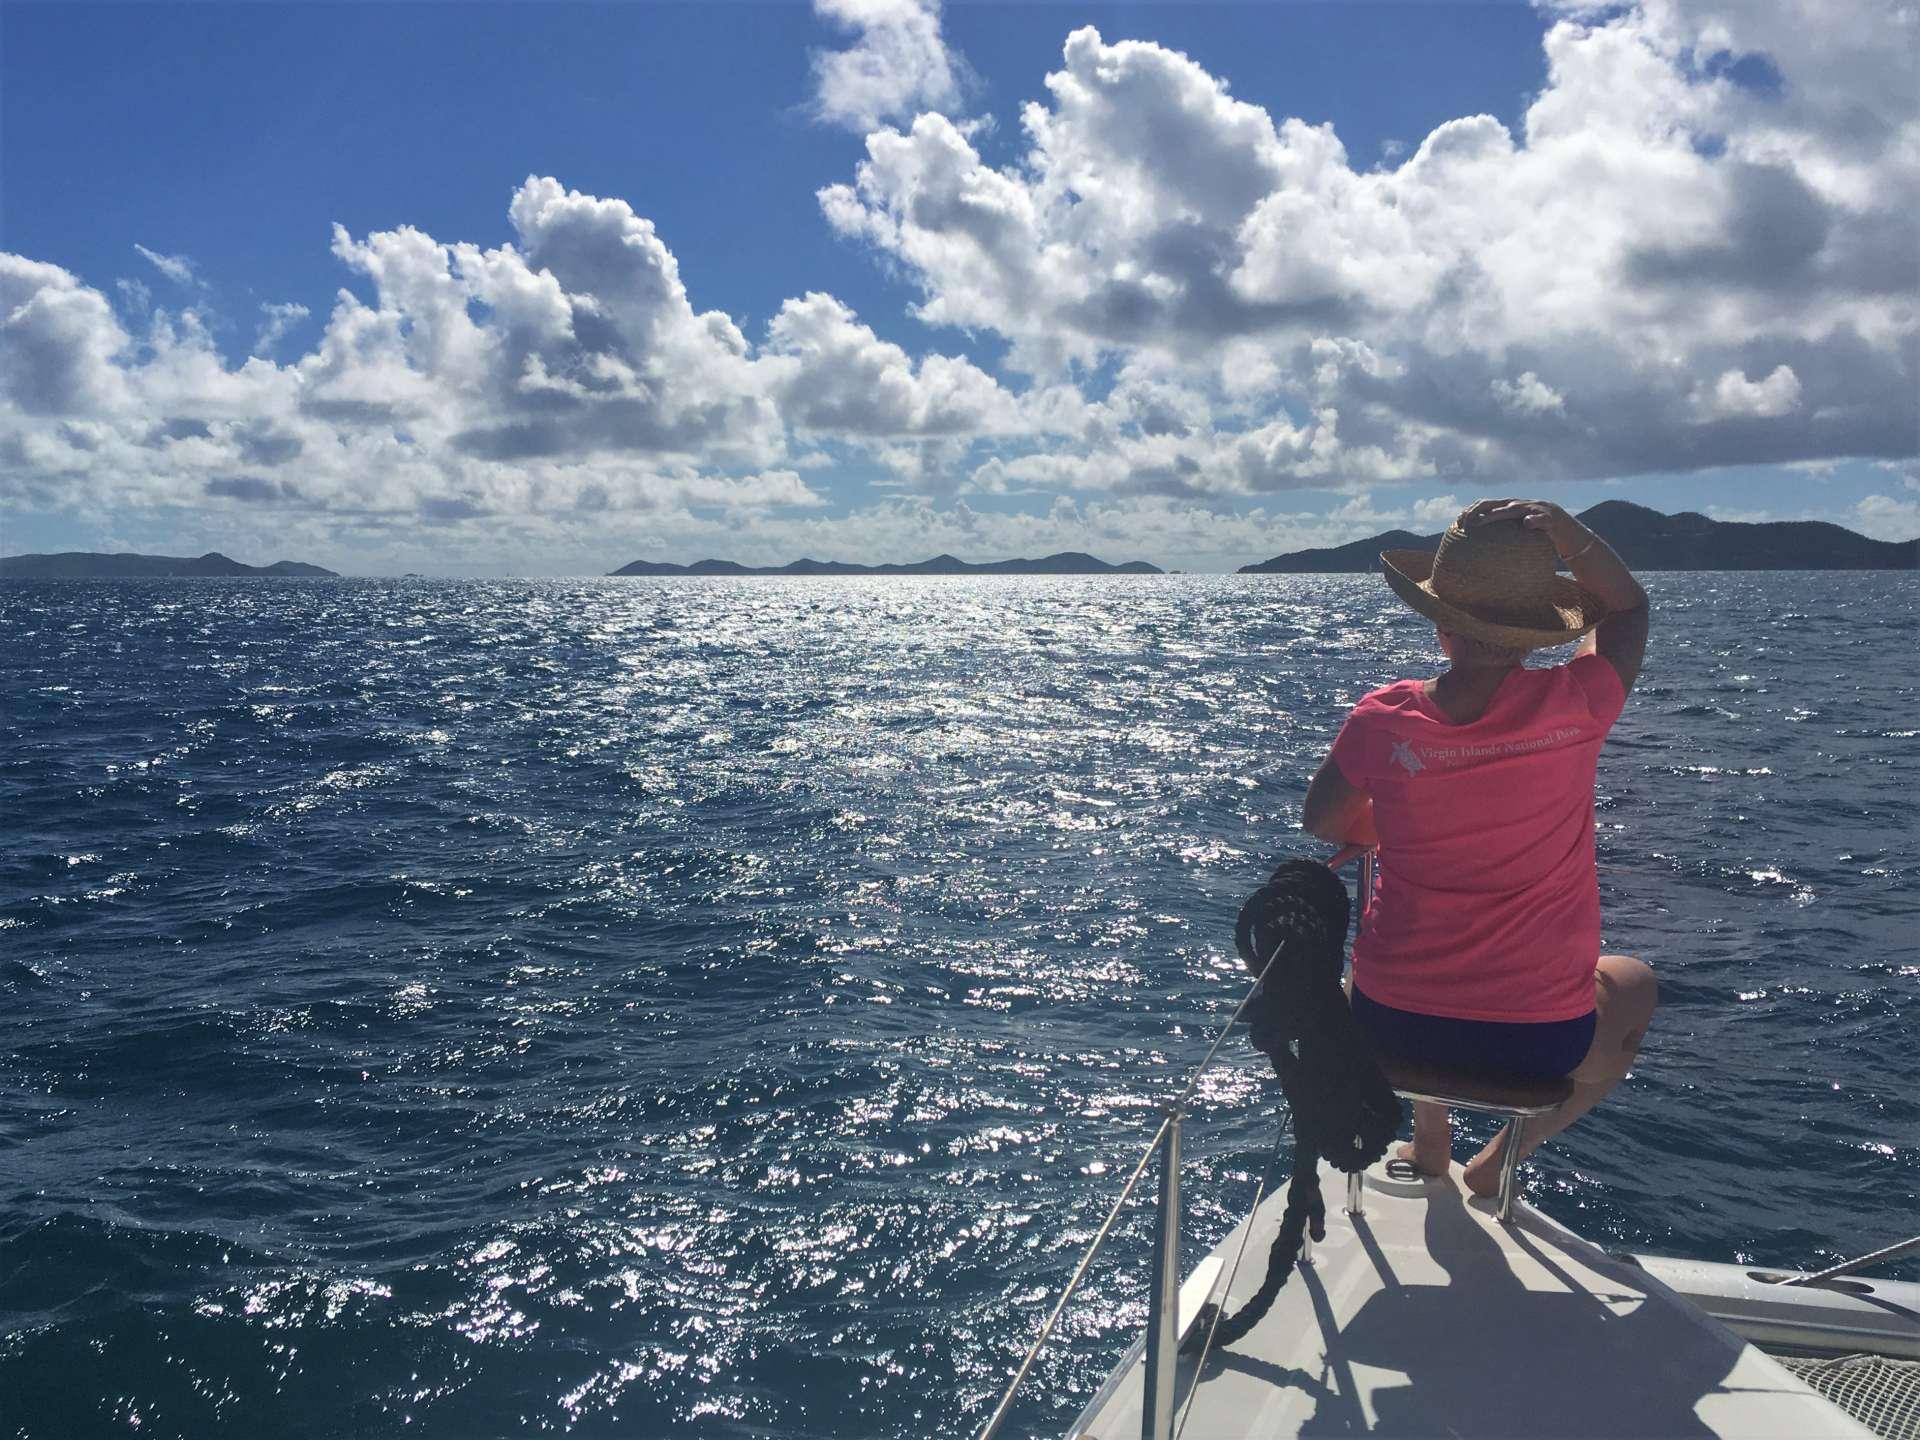 Enjoying the bow